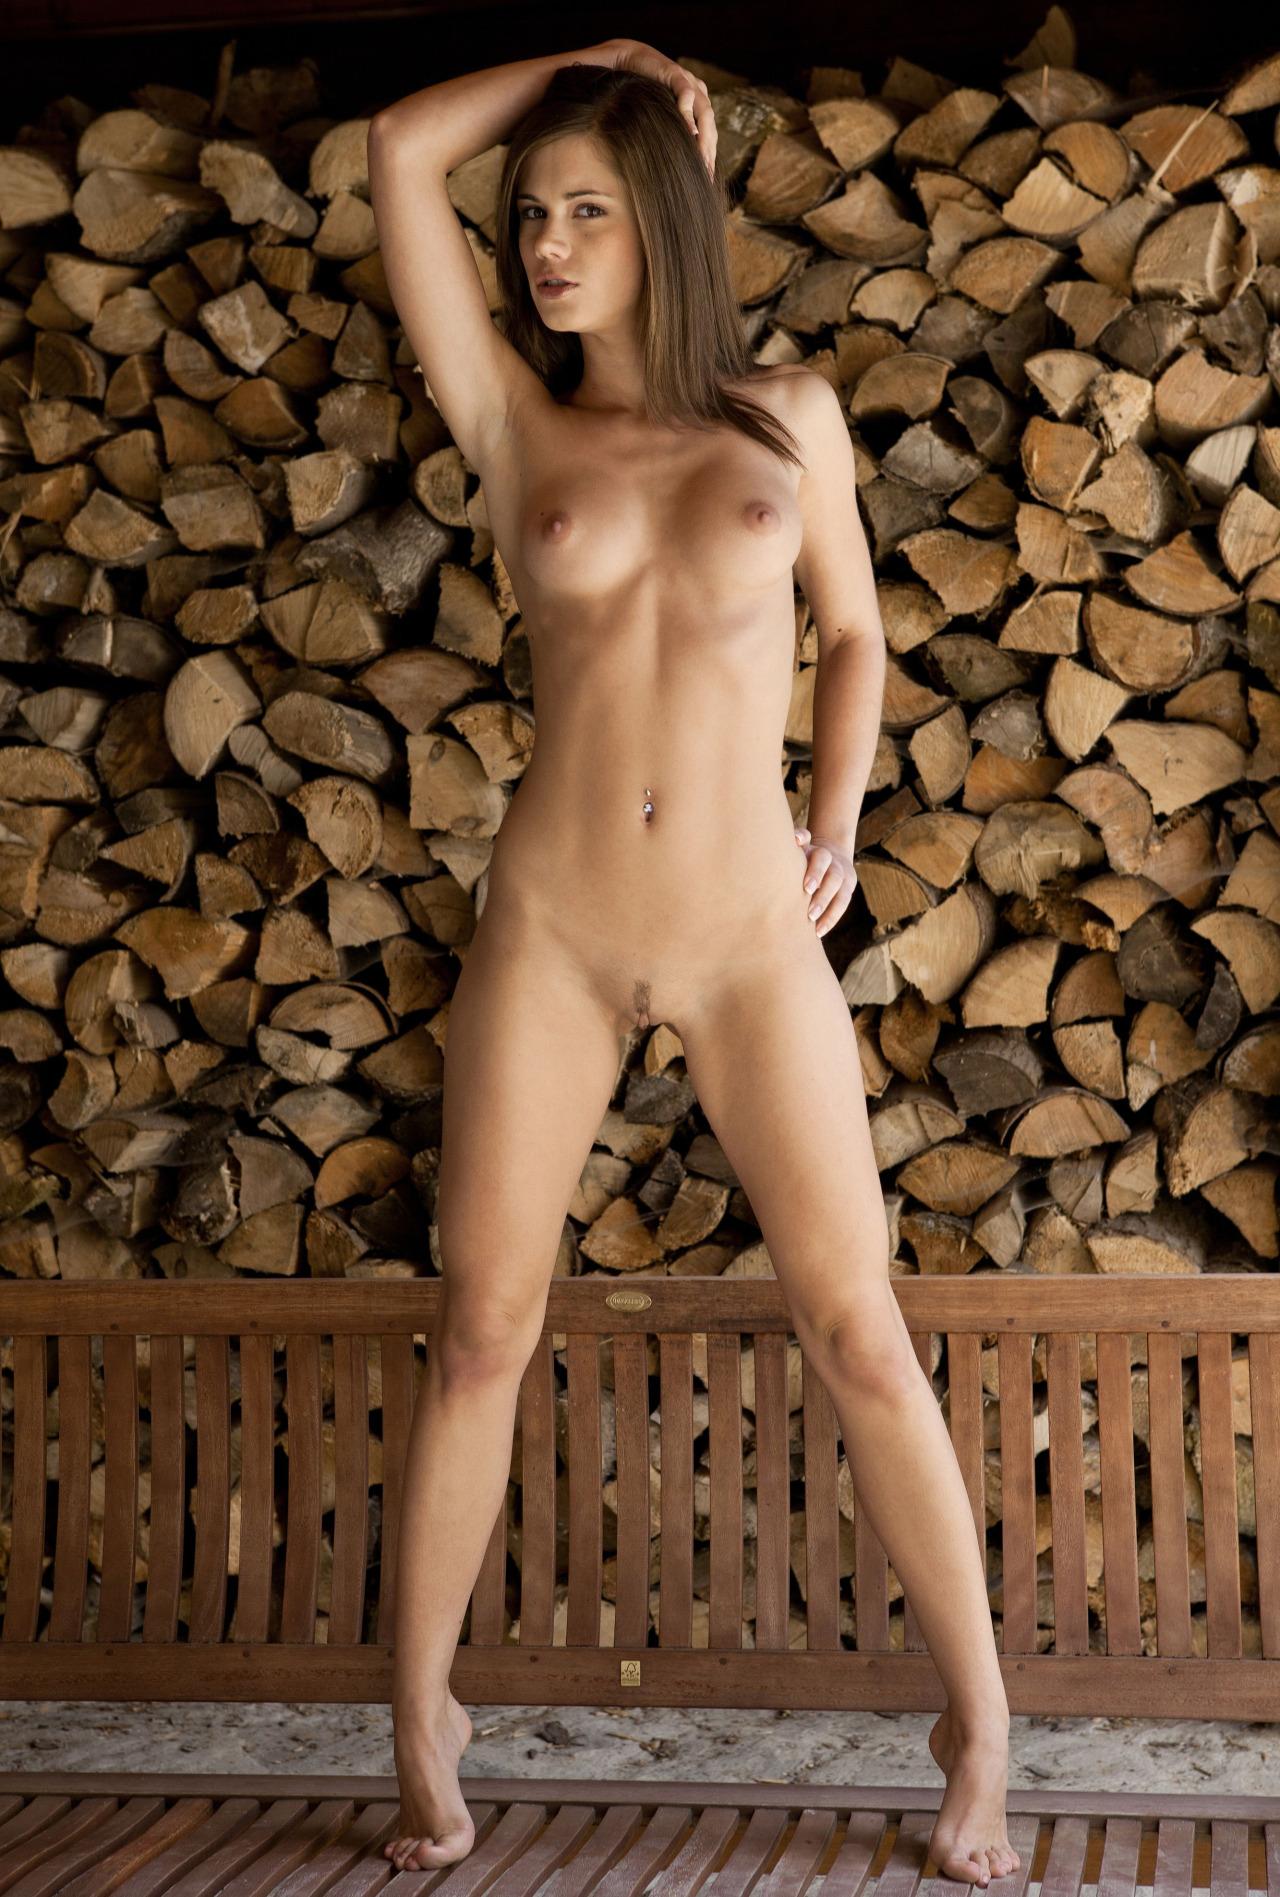 Femme veut rencontre cpl candauliste avec coquin mature séduisant à prendre dans toutes les positions